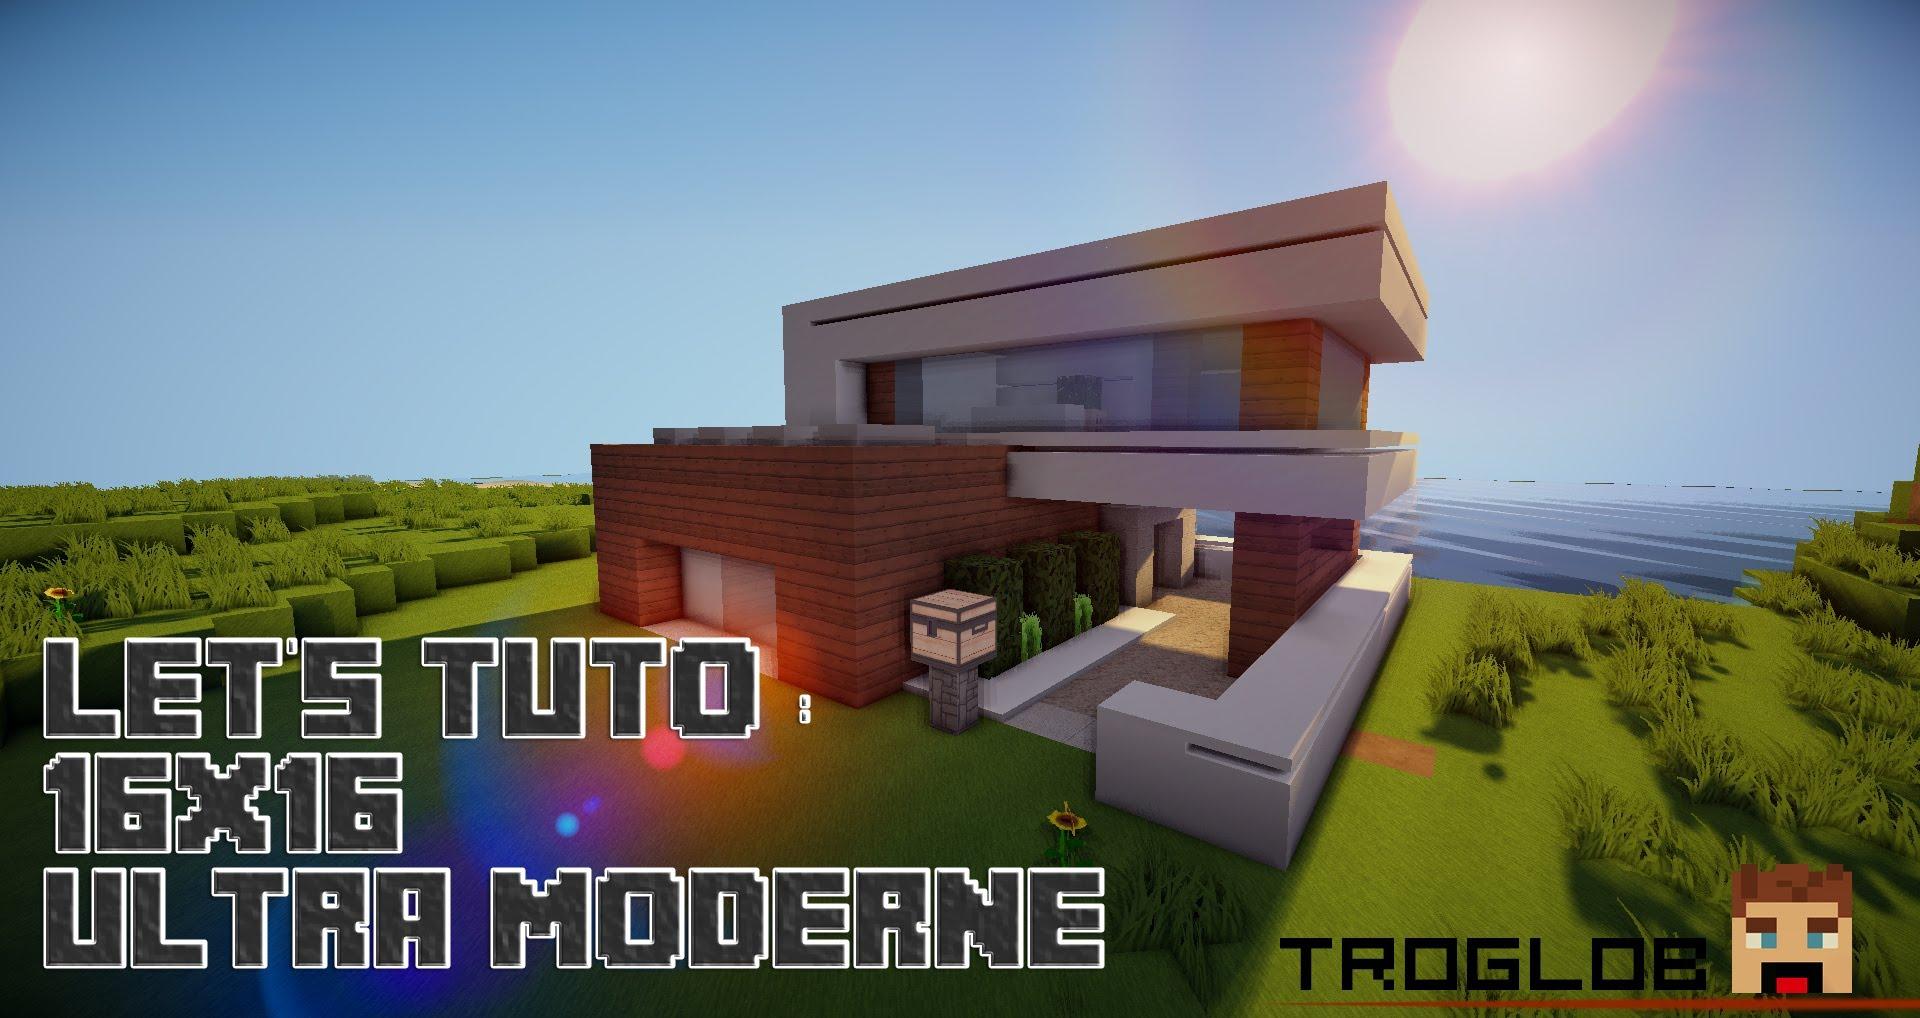 Comment faire une petite maison moderne dans minecraft for Comment faire une petite maison minecraft